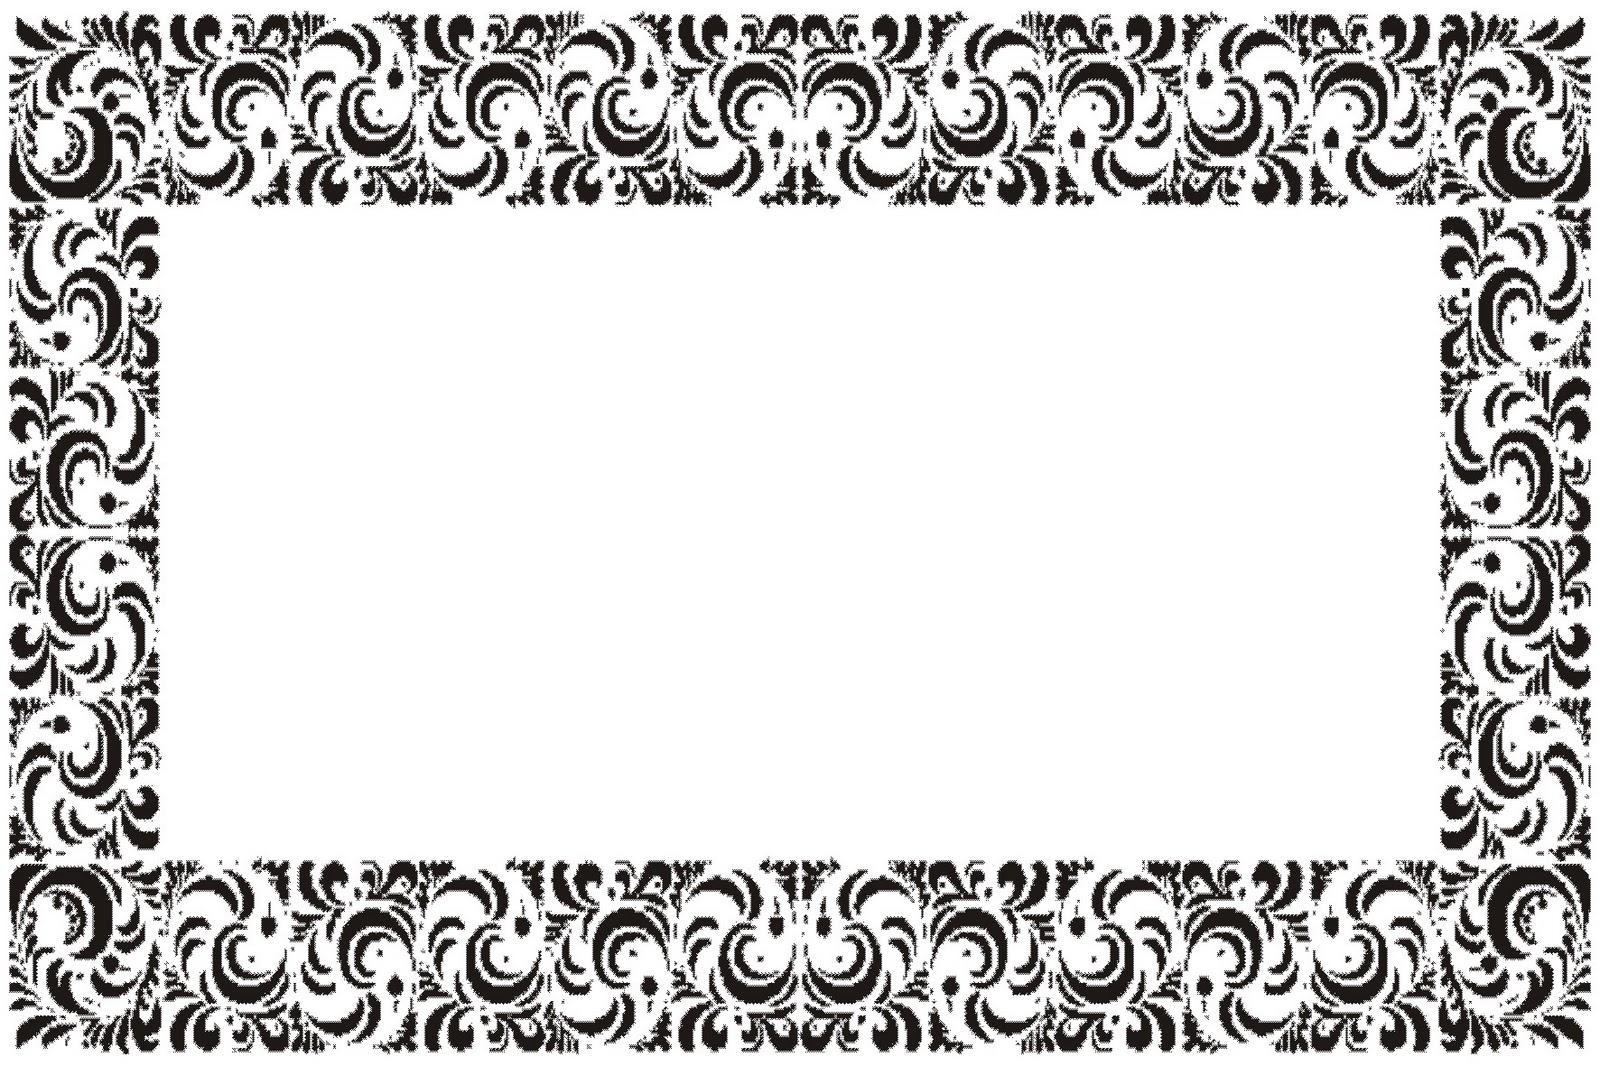 List of top bingkai kartu ucapan images - Dan Dibawah Ini Adalah Contoh Frame Kosong Dengan Format Jpeg Yang Kemudian Bisa Anda Isi Dengan Ucapan Yang Sesuai Dengan Kebutuhan Anda